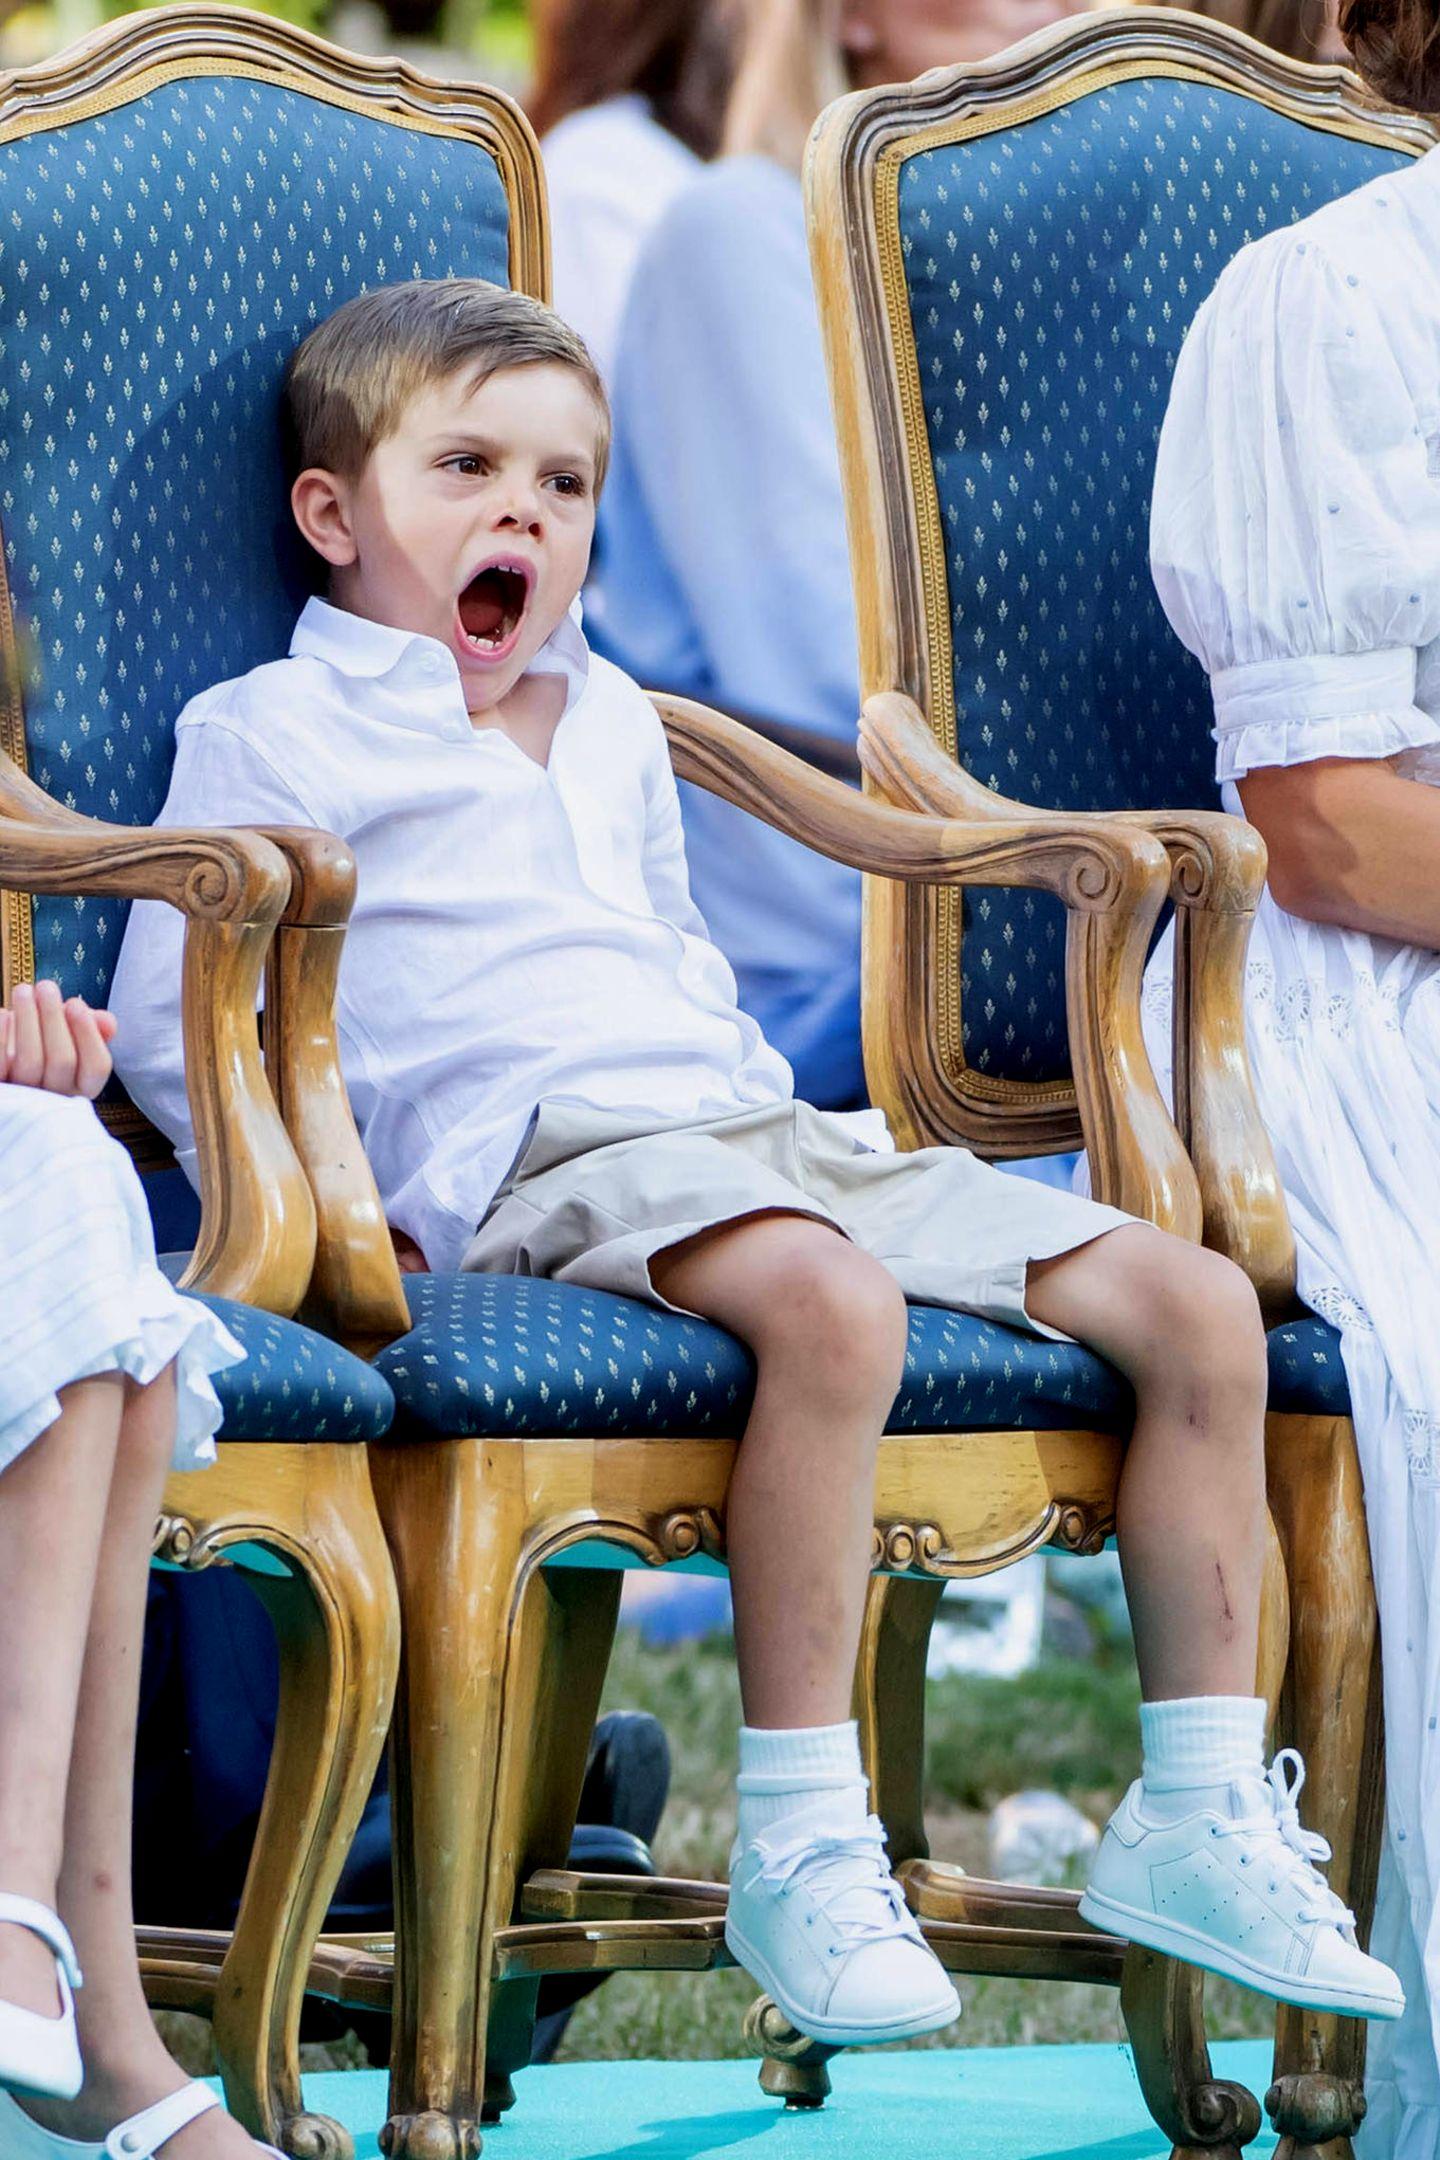 Denn anders als der Rest der Familie findet Prinz Oscar die Veranstaltung etwas langweilig; trotzdem hält sich der Fünfjährige, der heute sein Debüt beim Victoria-Konzert gibt, wacker auf seinem Stuhl.